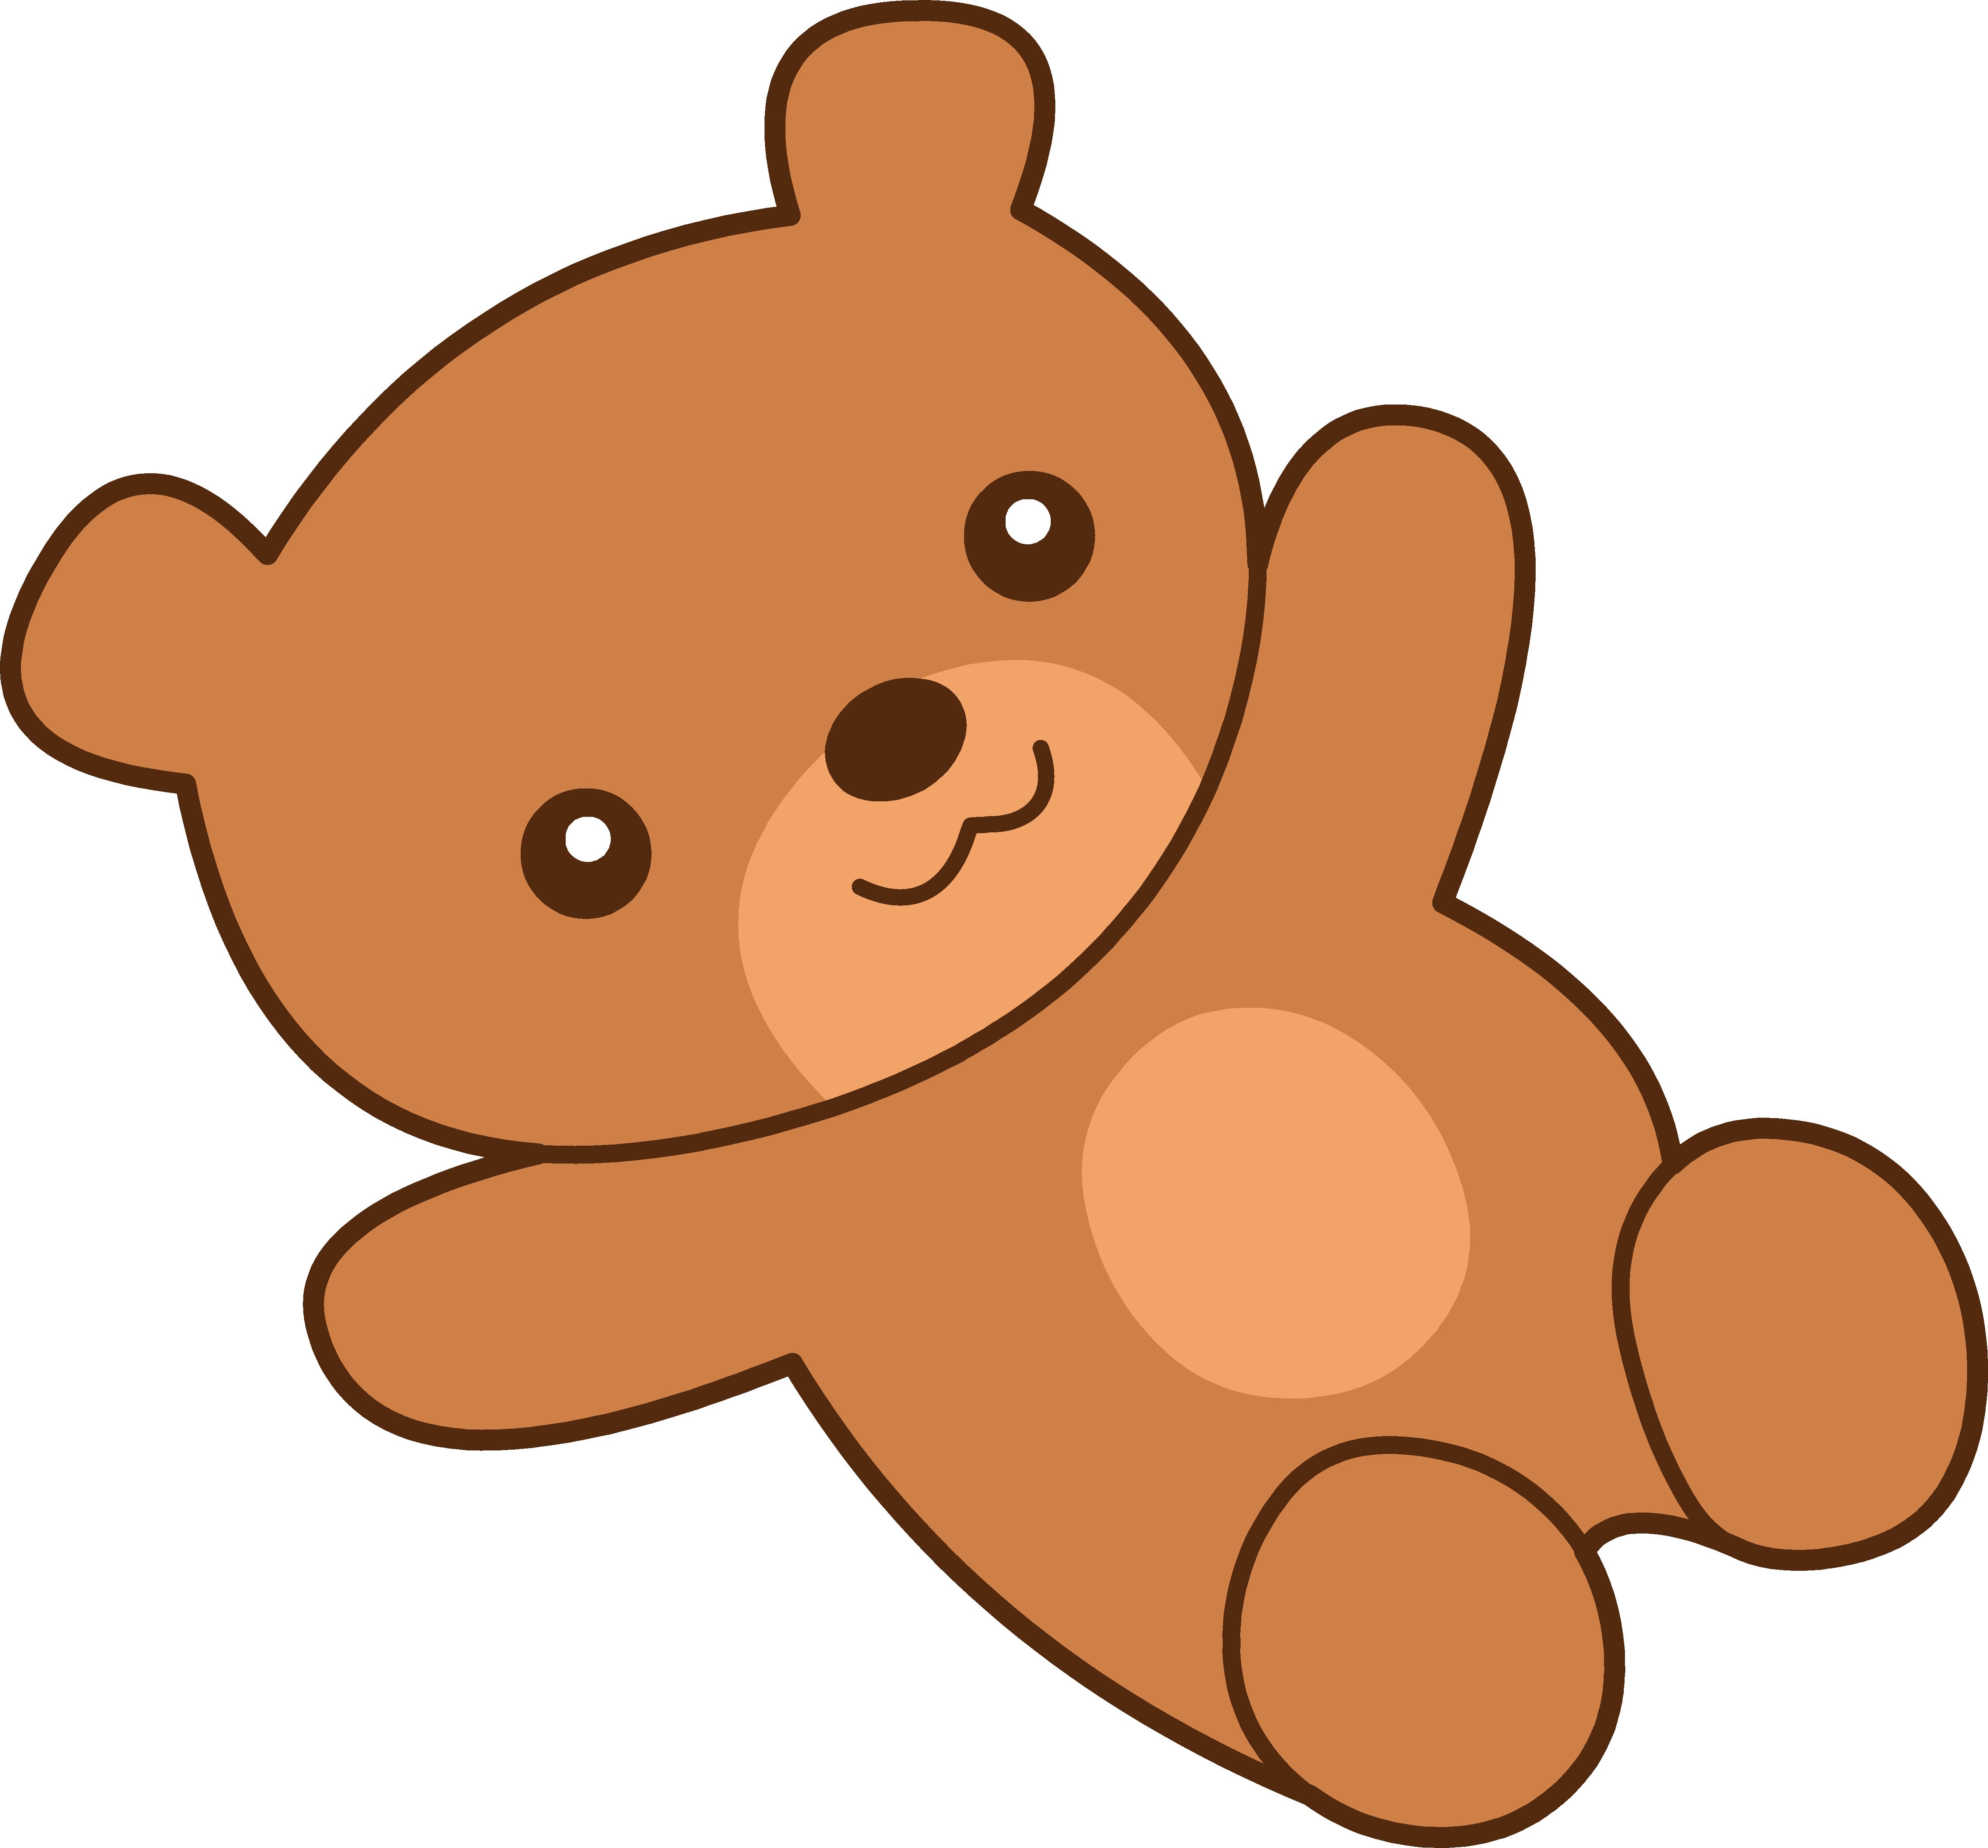 Teddy clipart cute Clipart Clip Free Bear Art